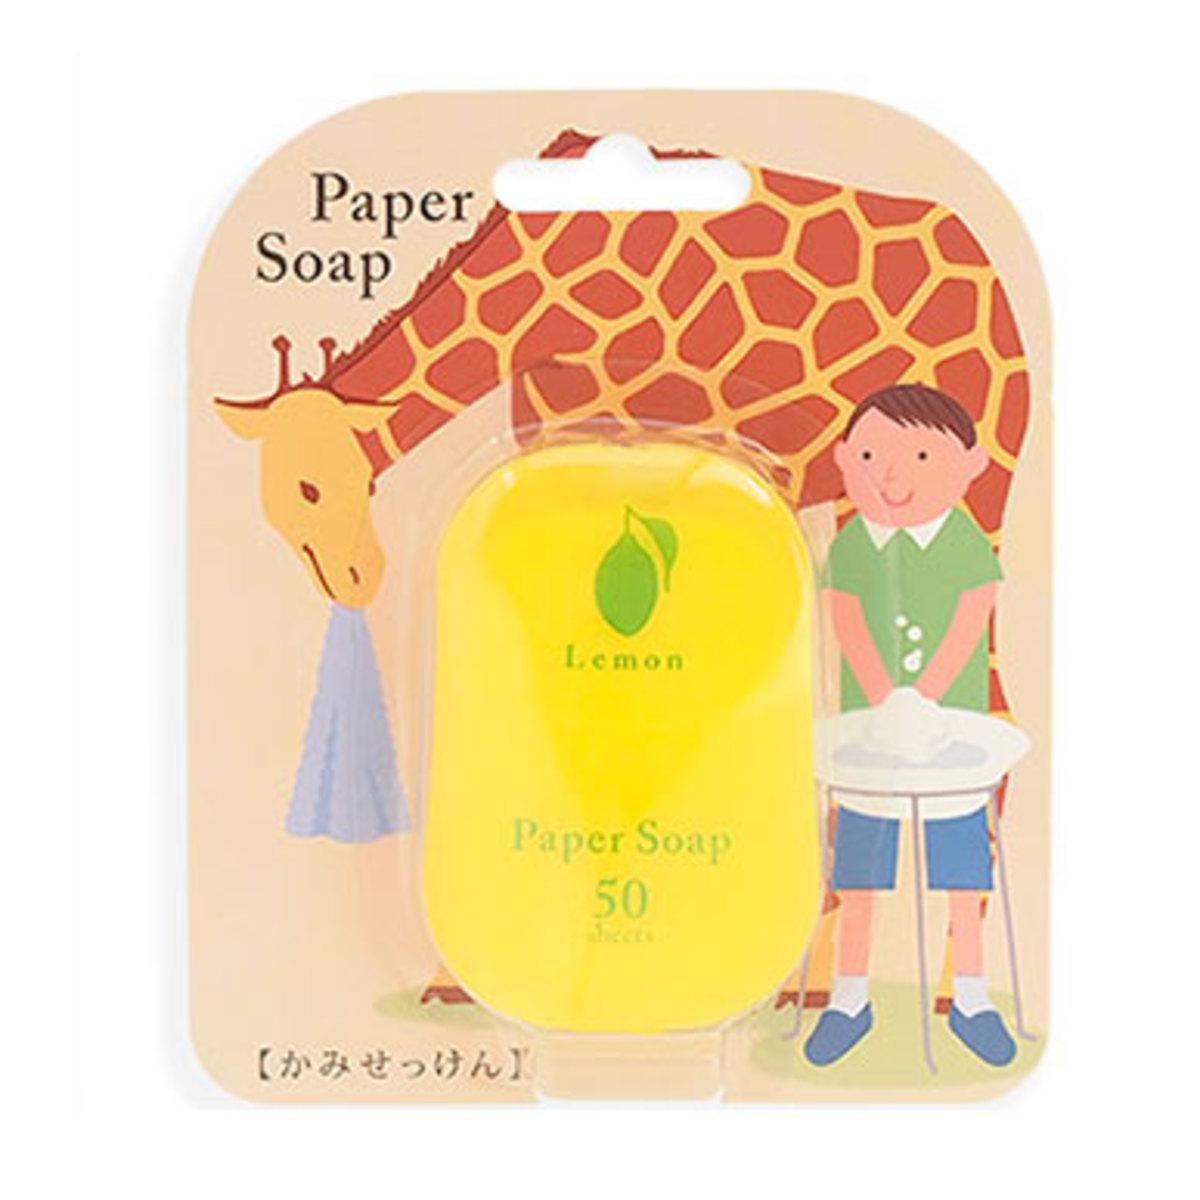 檸檬味便攜紙香皂